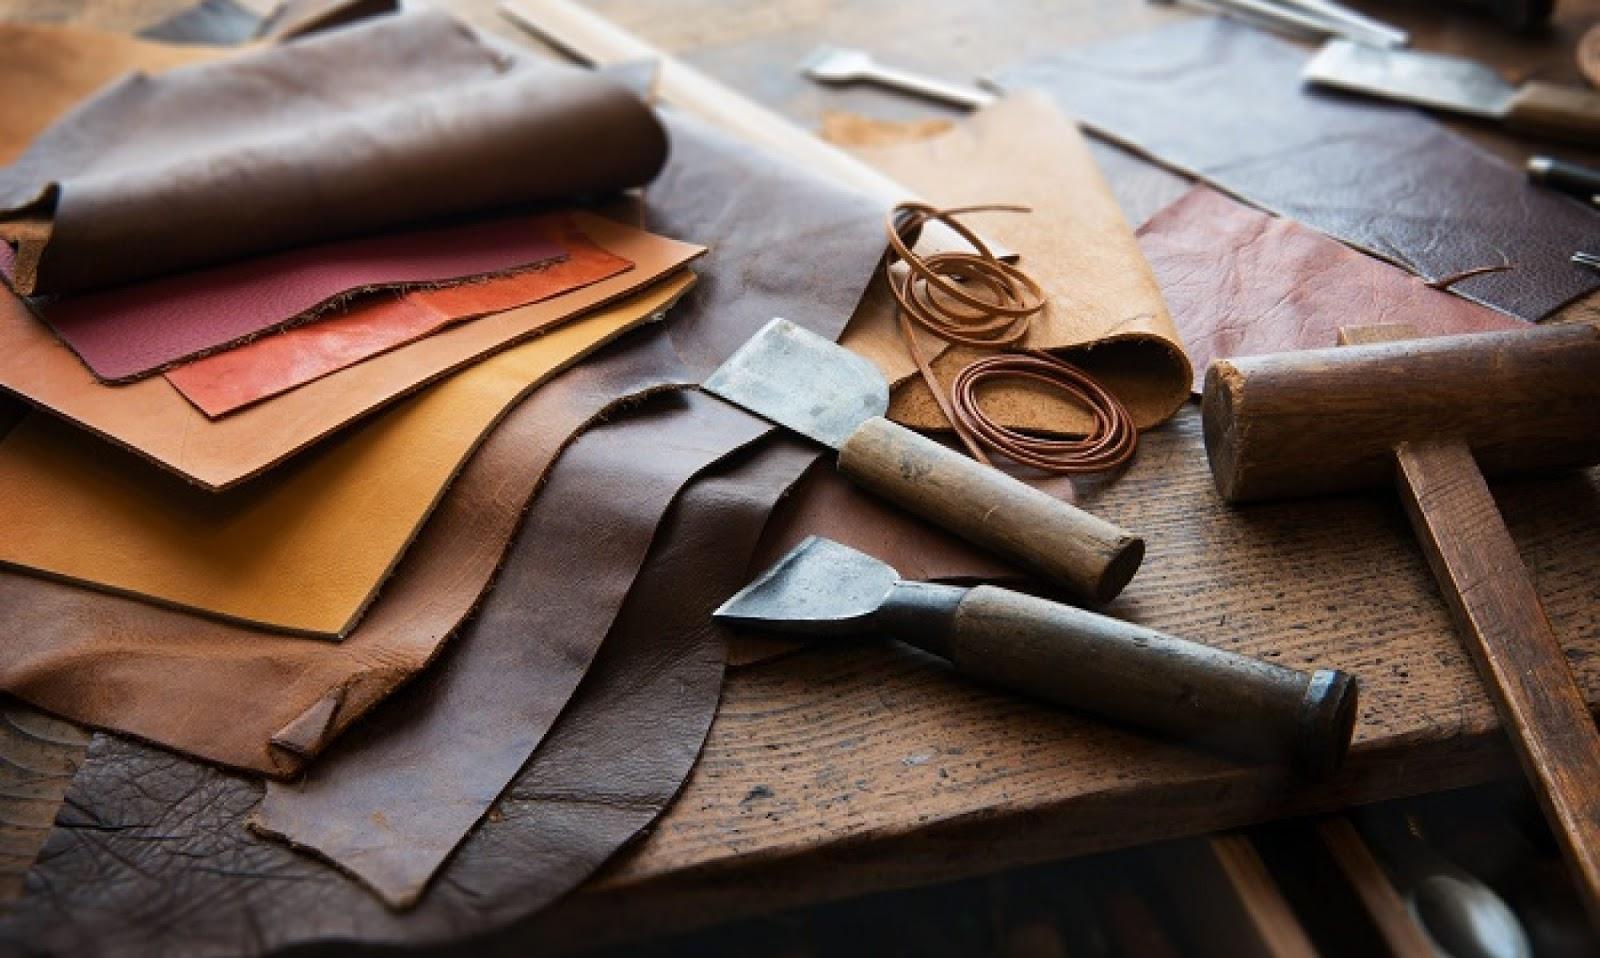 D:\CỘNG TÁC VIÊN\Bài ngắn\Bài ngày 2-10-2018\Mua da làm đồ handmade ở đâu\mua-da-lam-do-handmade-o-dau-3.jpg